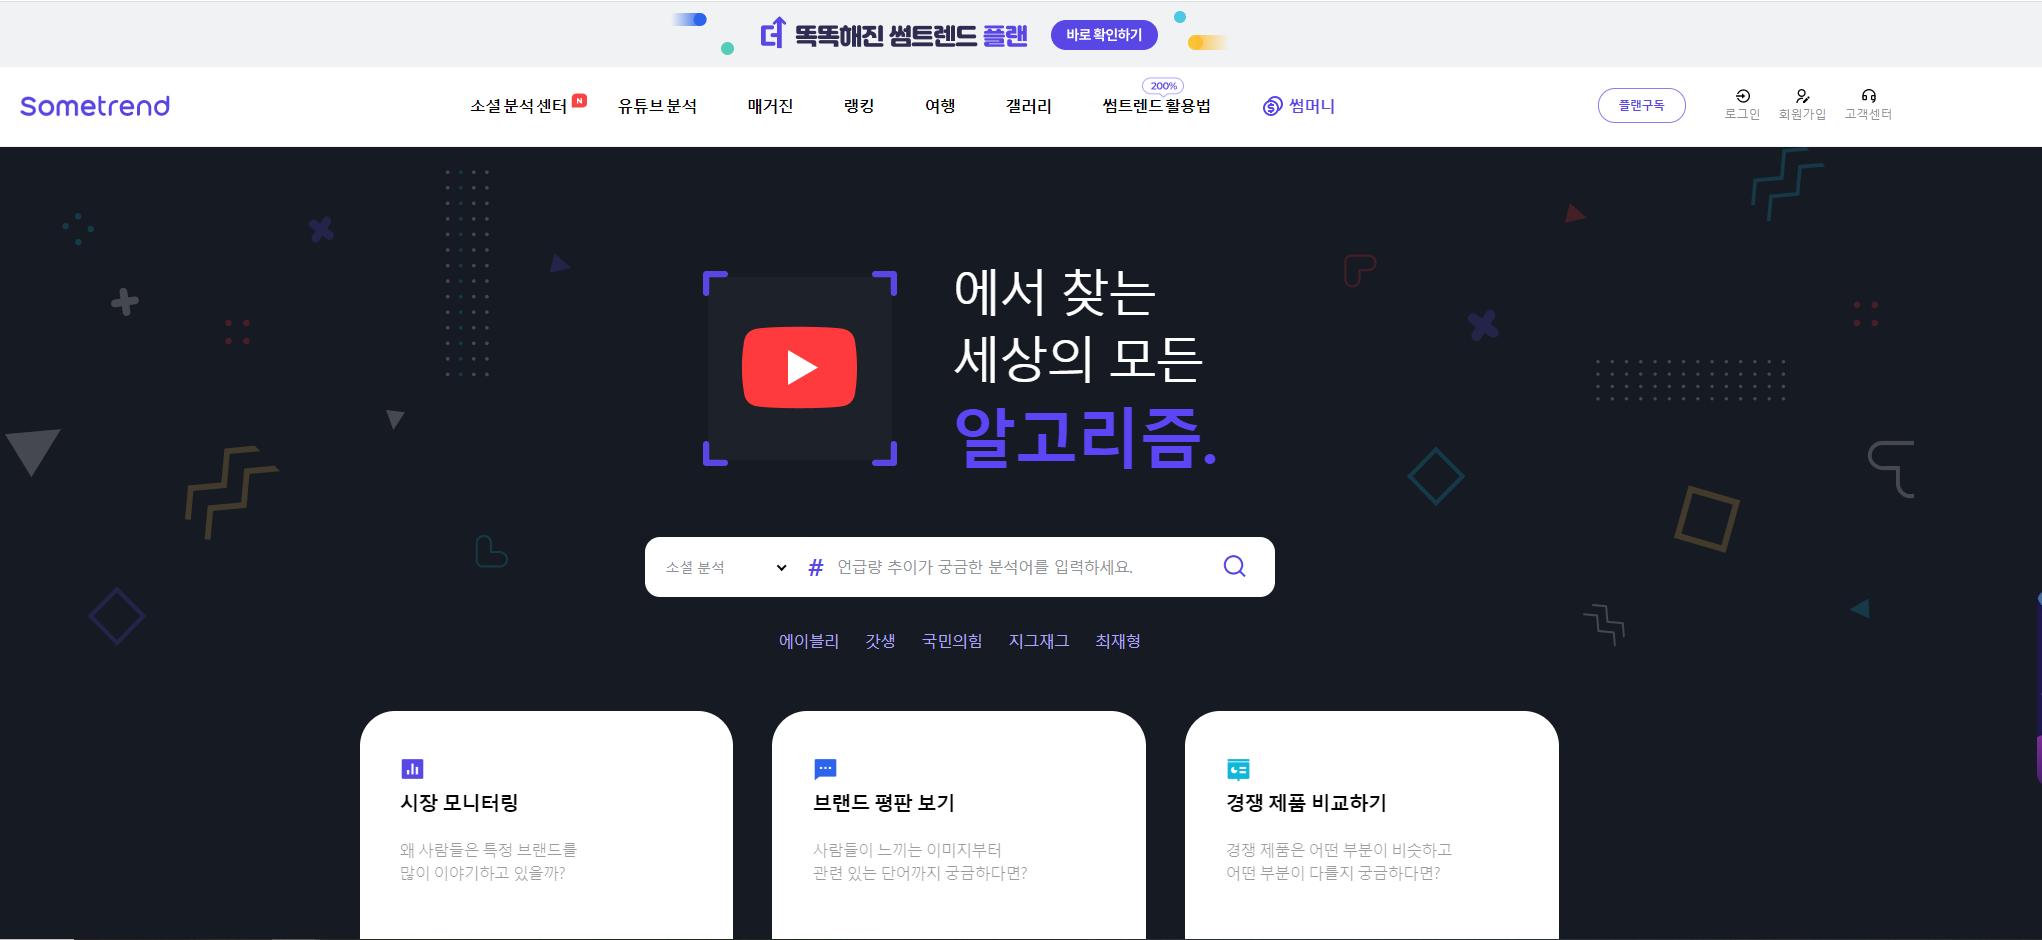 SNS 인기 키워드 분석 서비스 썸트렌드 업그레이드로 강화된 기능 소개